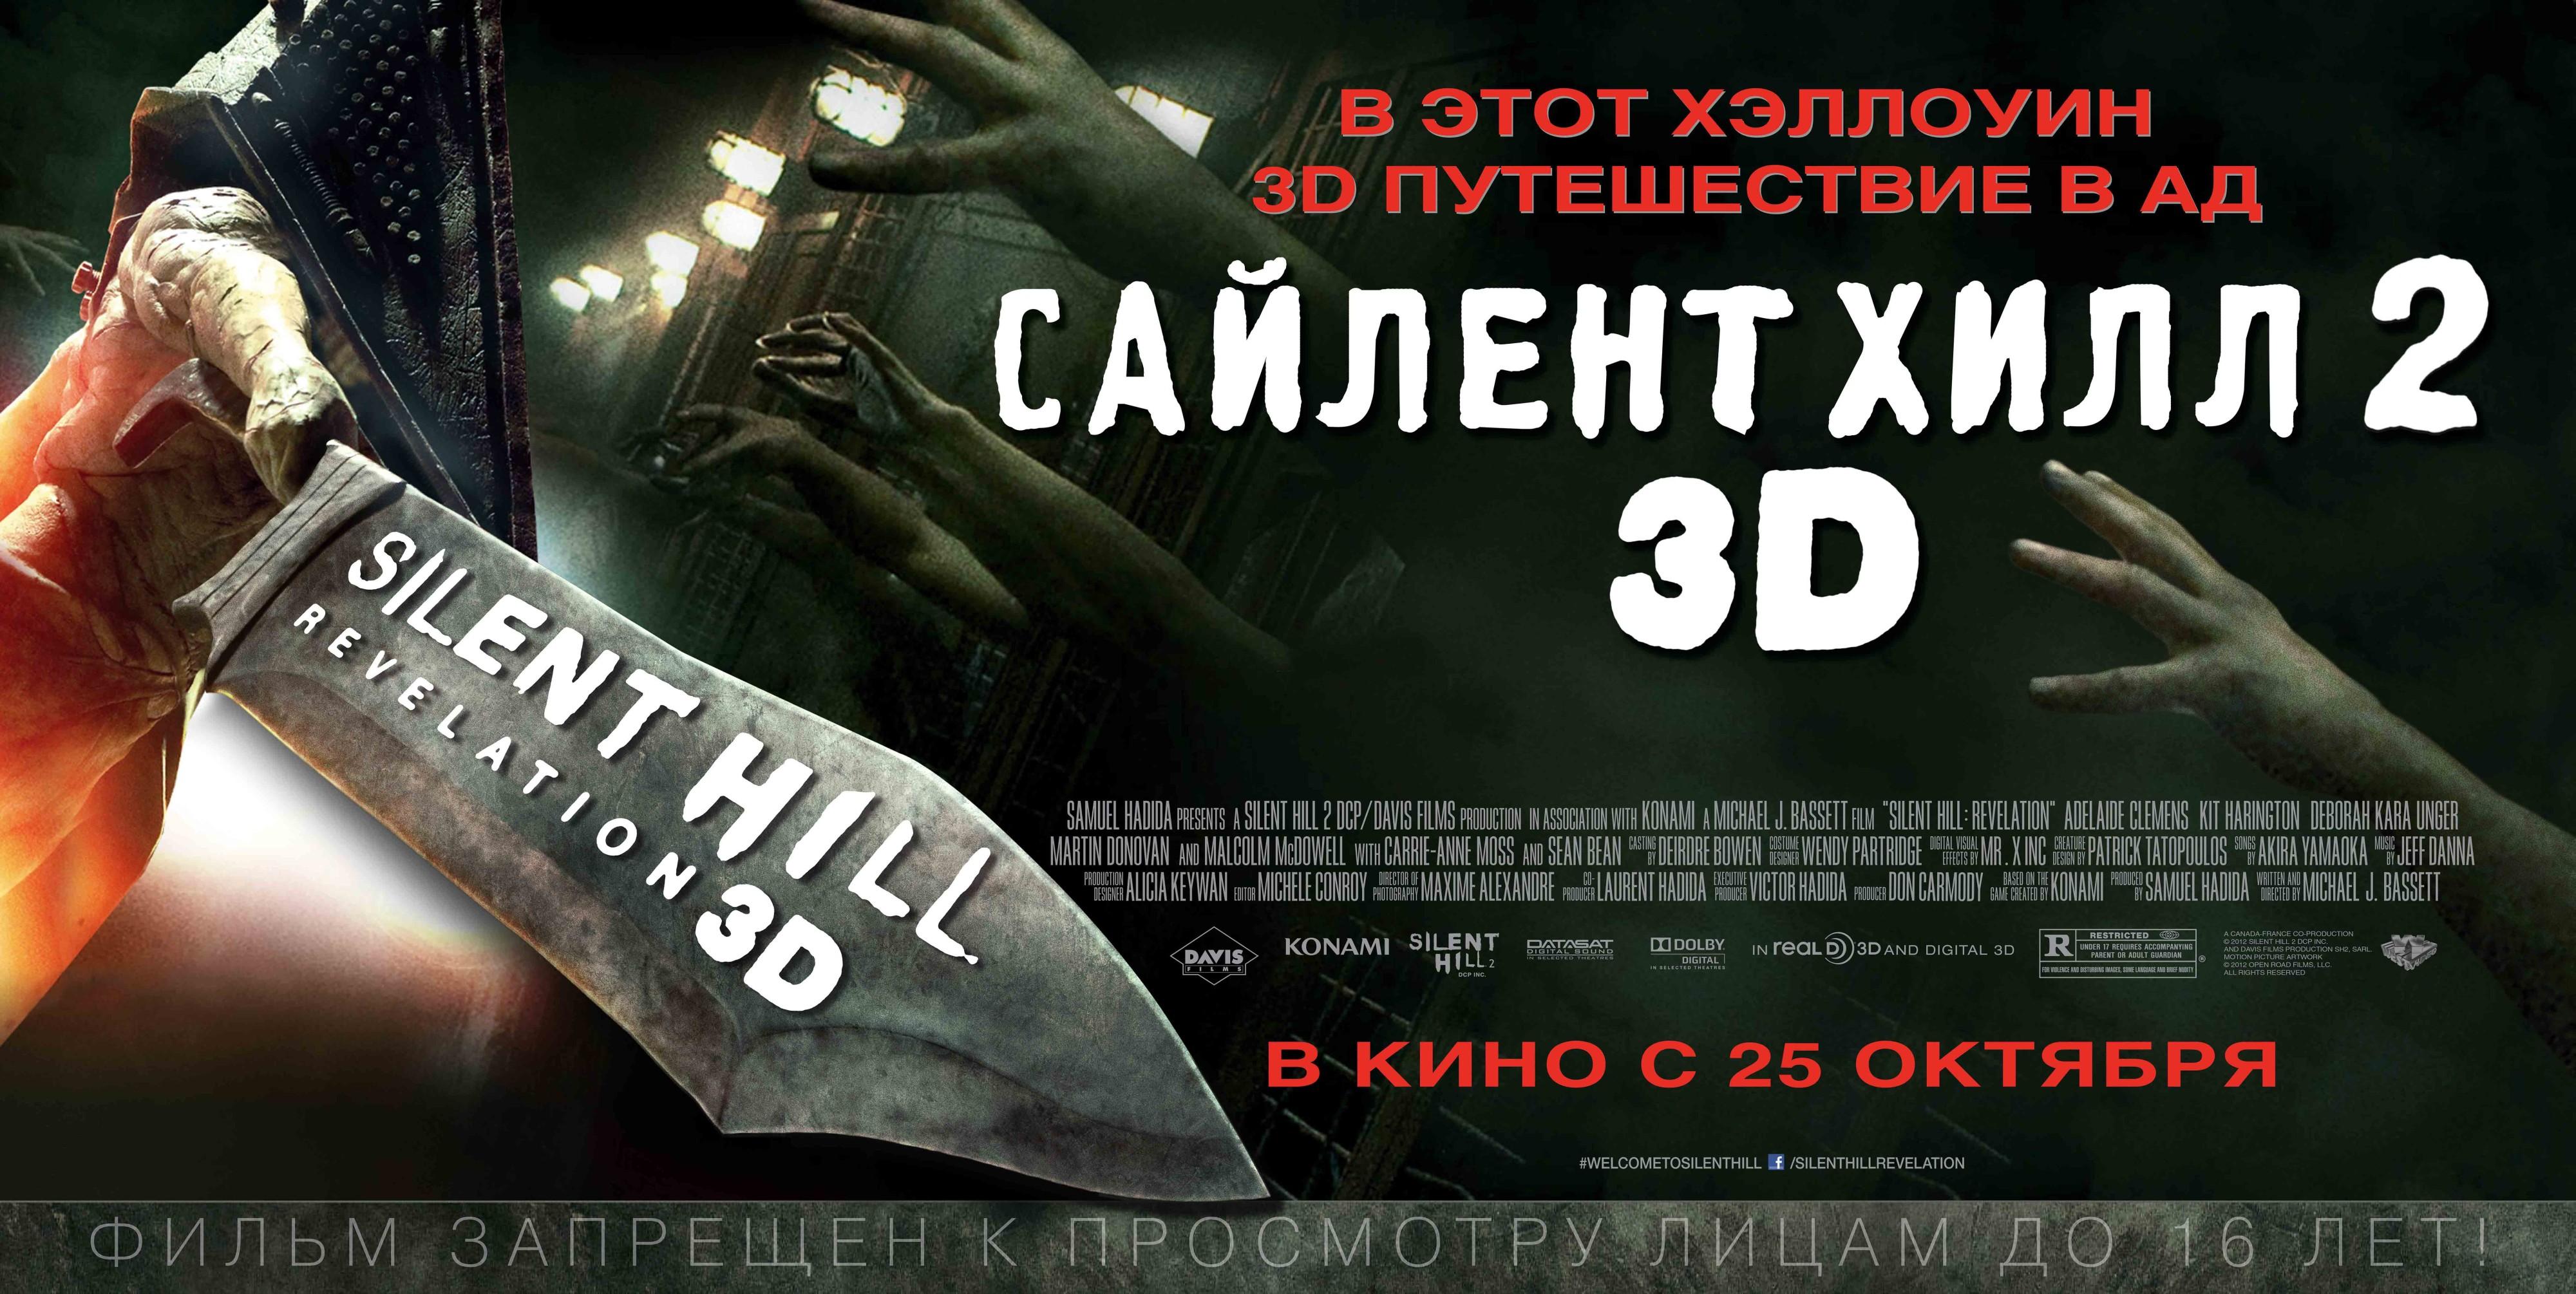 плакат фильма баннер локализованные Сайлент Хилл 2 3D